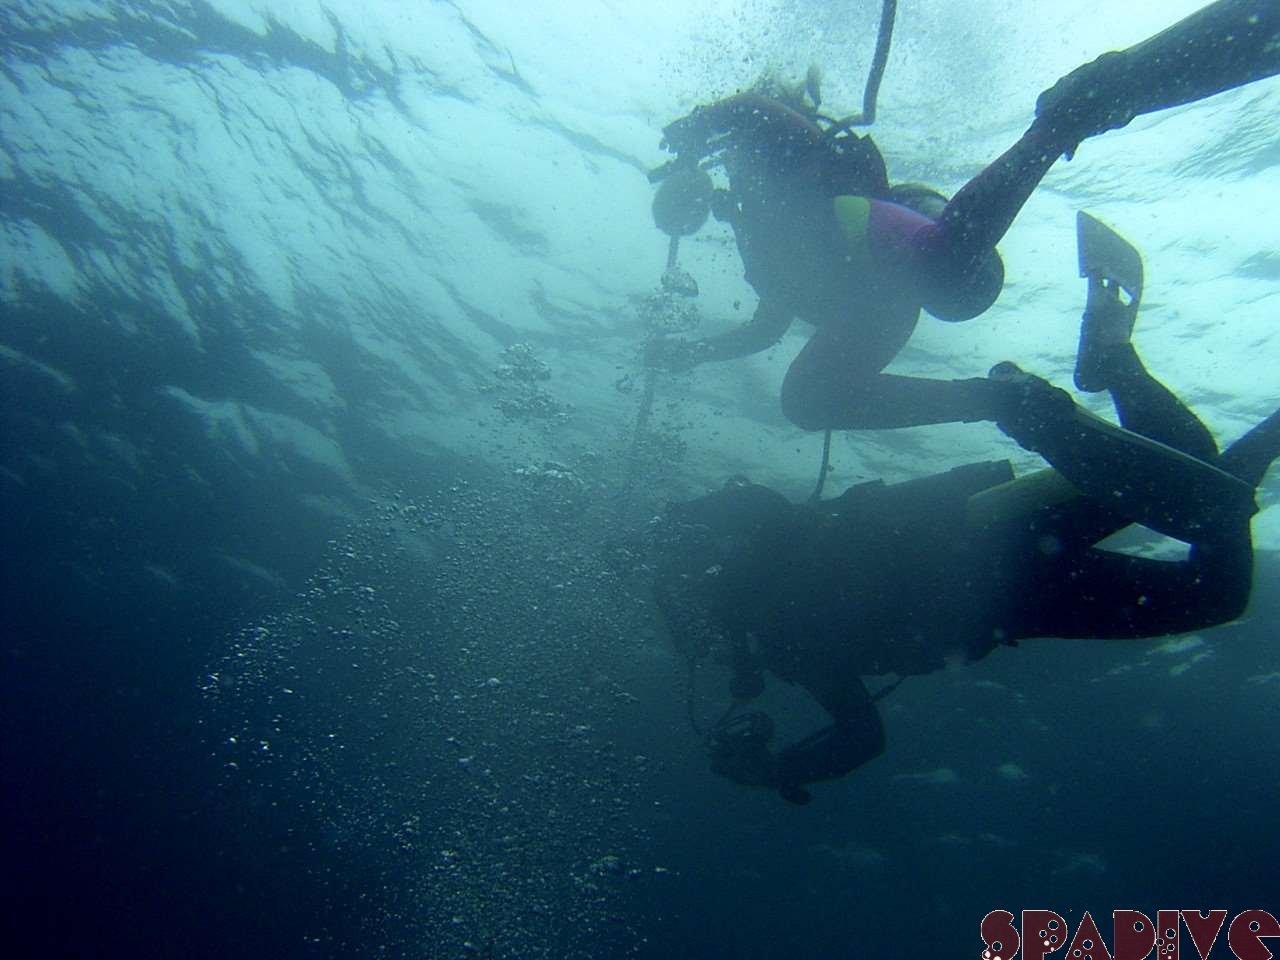 2005年07月撮影海フォトギャラリー 南紀白浜スパダイブ